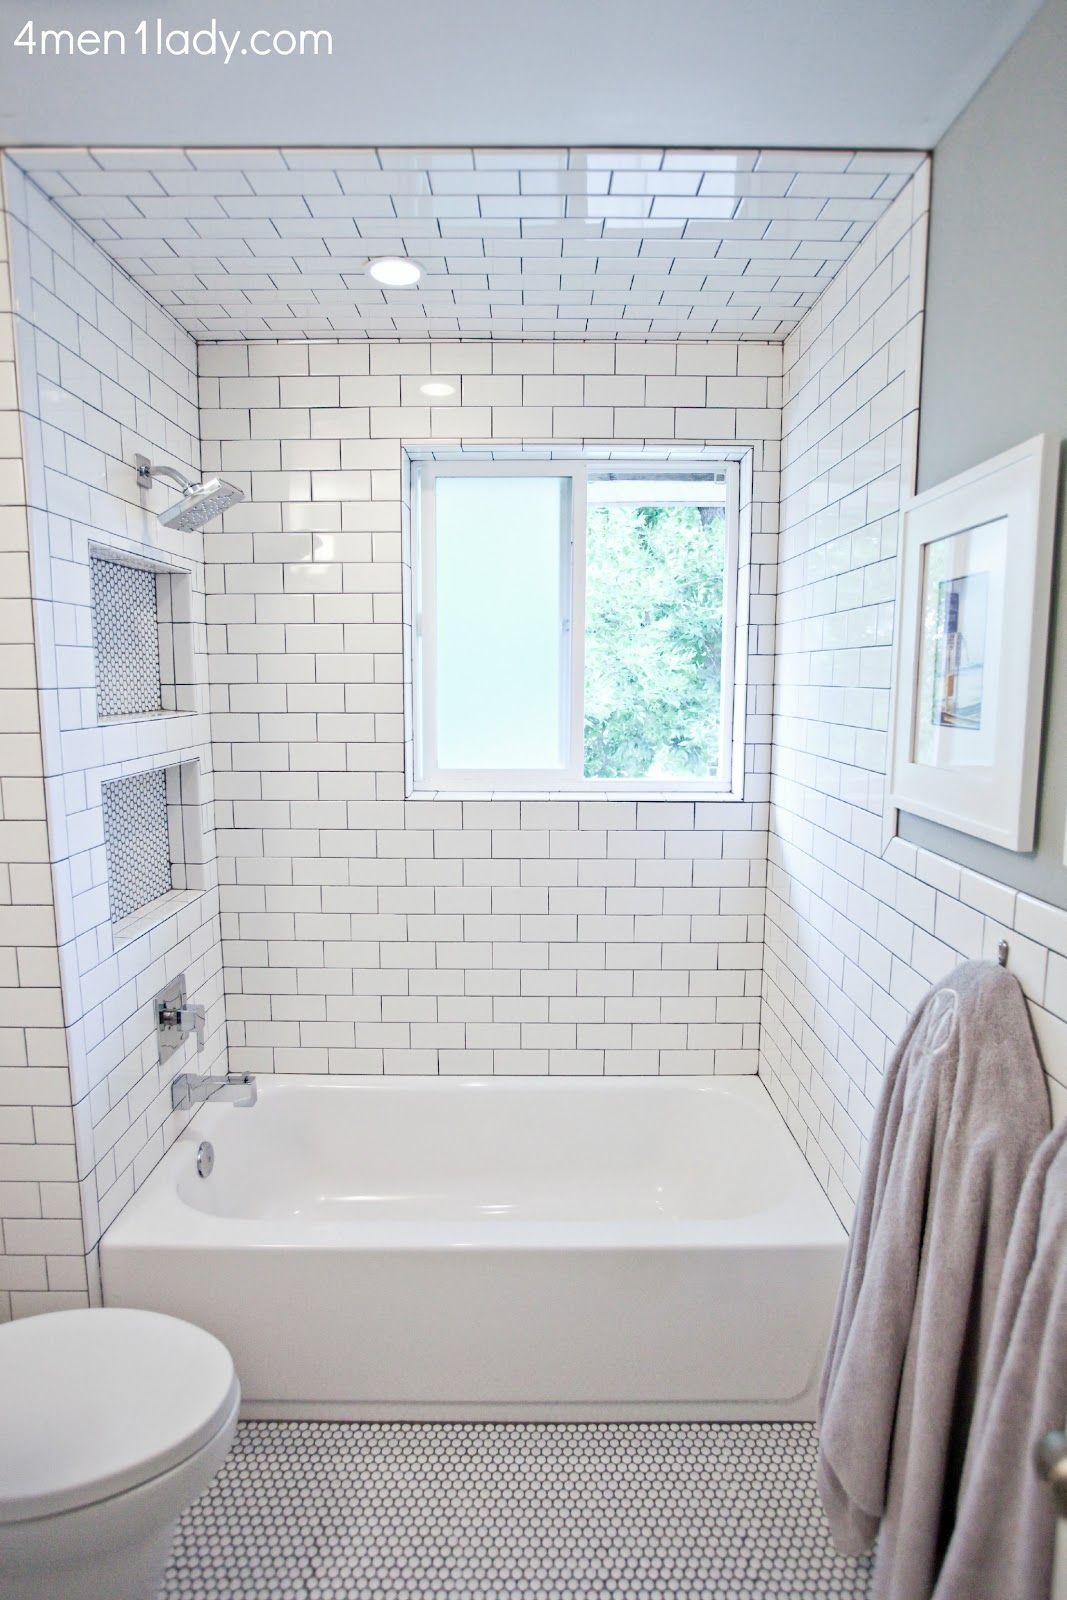 Tiled Shower Niches Bathroom Has Several More Clever Storage Ideas Kleine Badezimmer